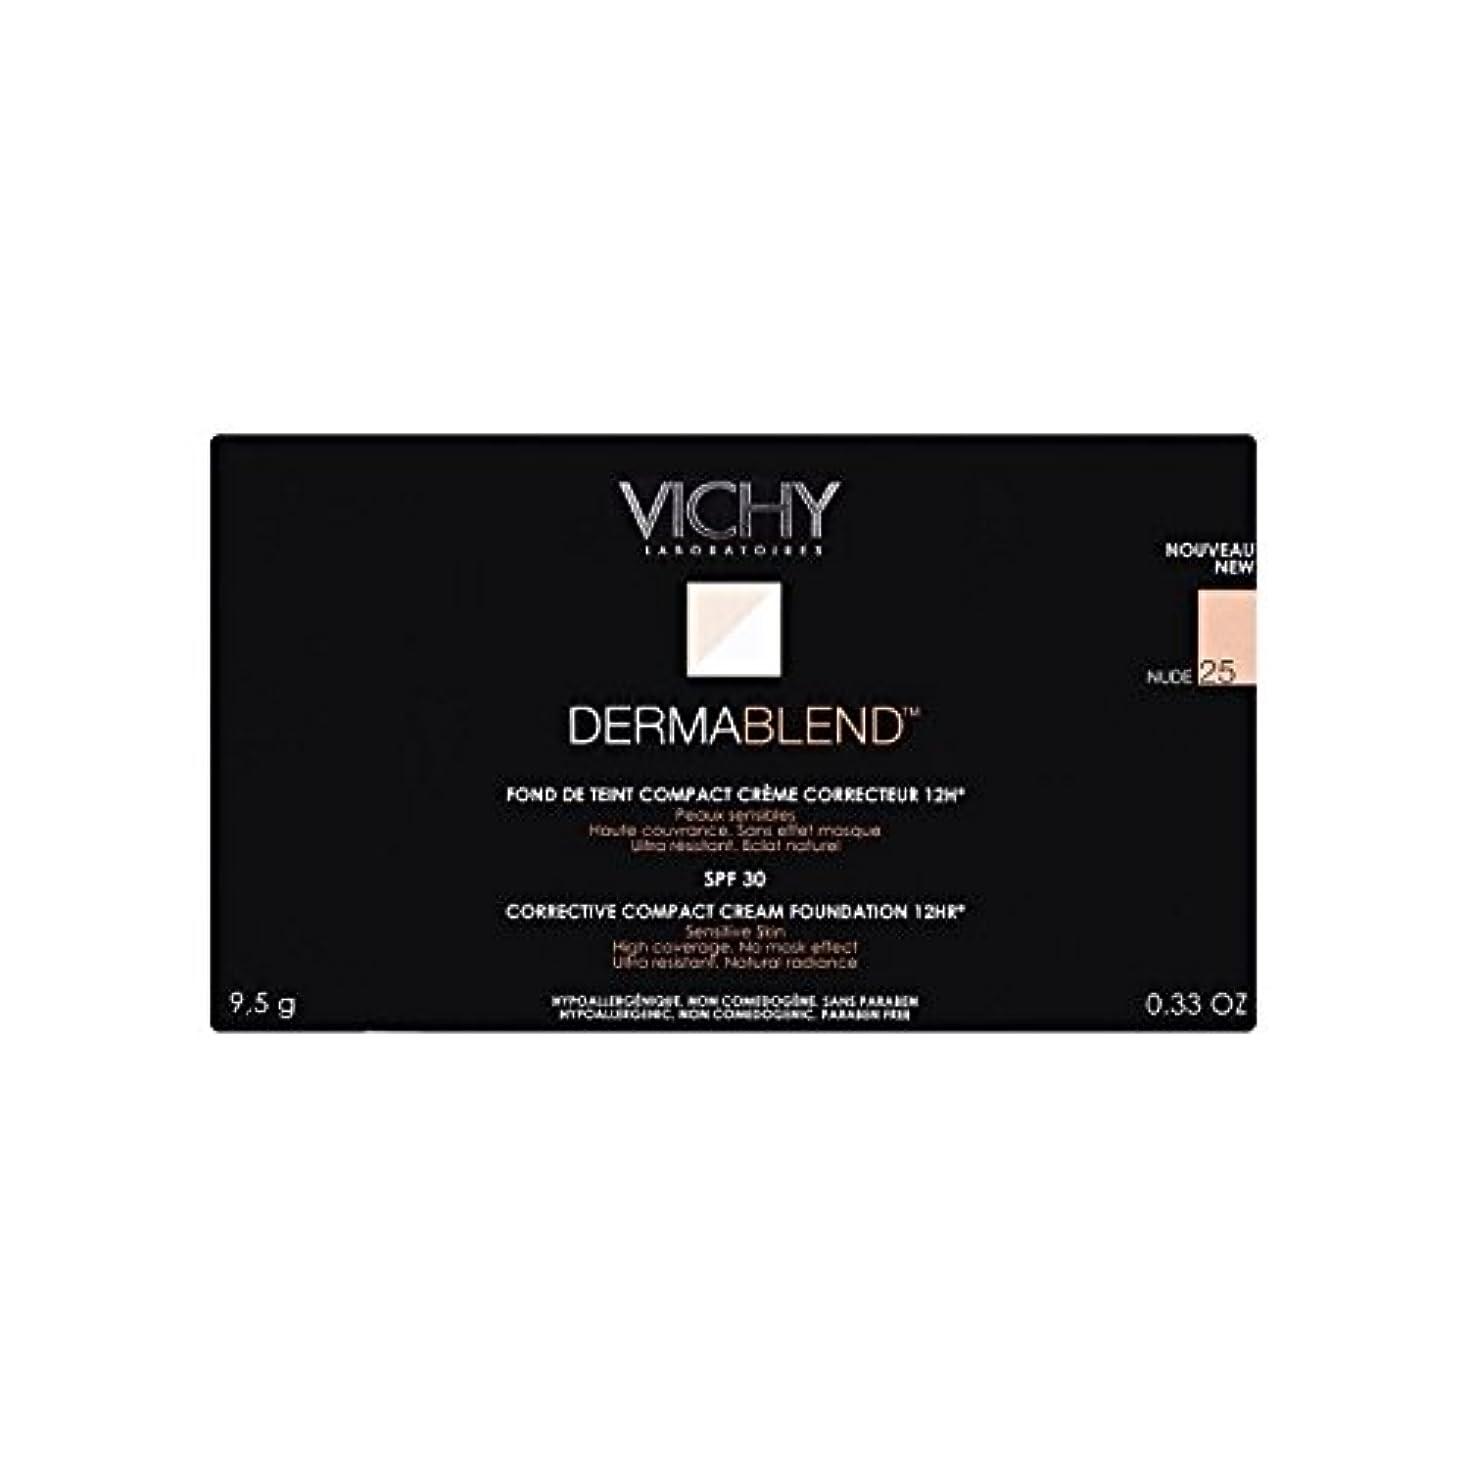 六それに応じてドラフト25ヌードヴィシー是正コンパクトクリームファンデーション x4 - Vichy Dermablend Corrective Compact Cream Foundation Nude 25 (Pack of 4) [並行輸入品]